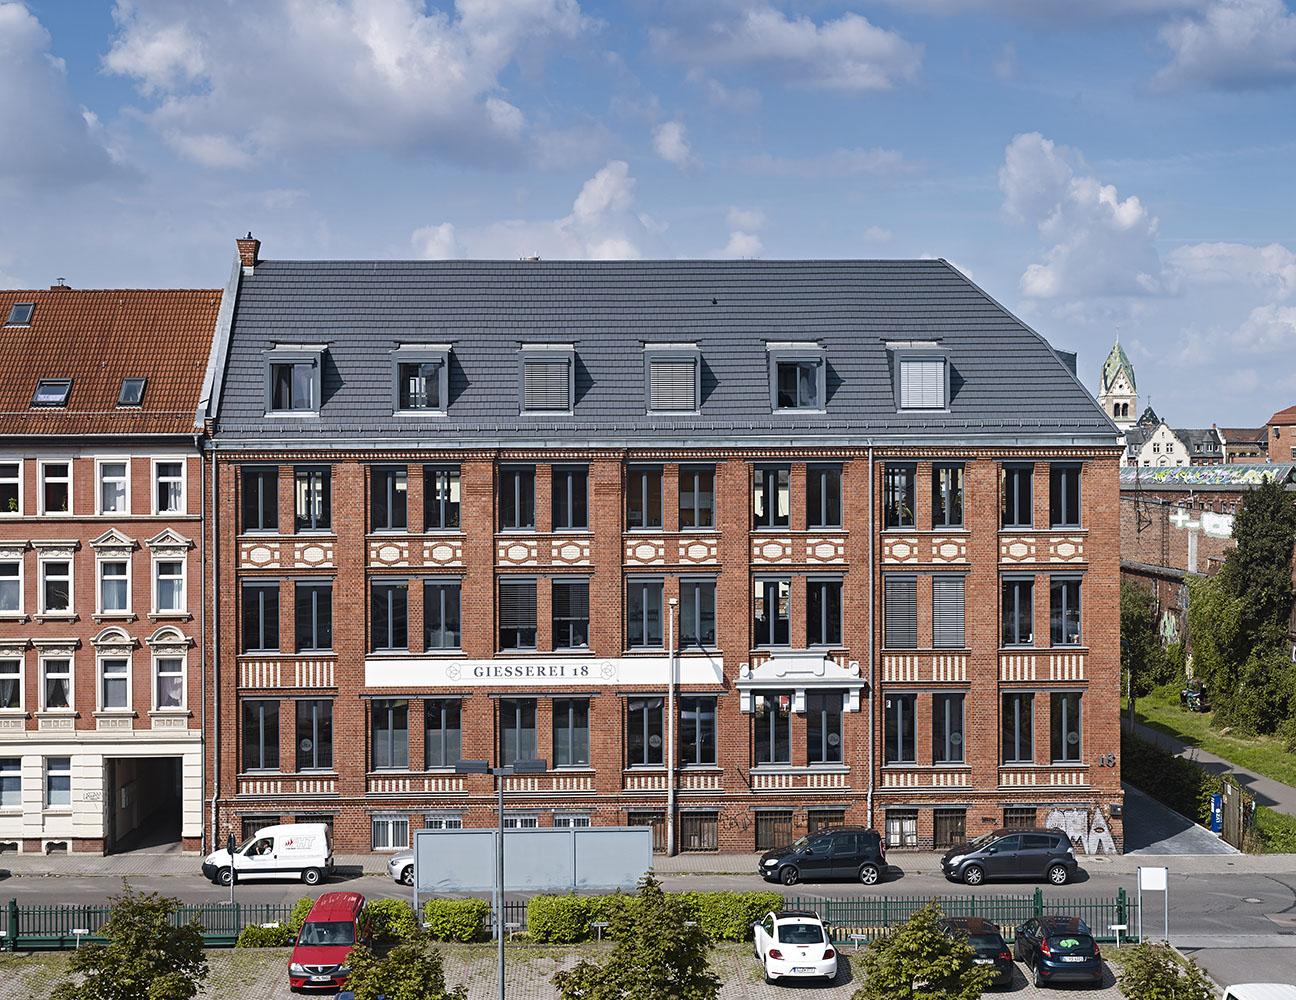 Führung durch den Gebäudekomplex Gießerstraße 18